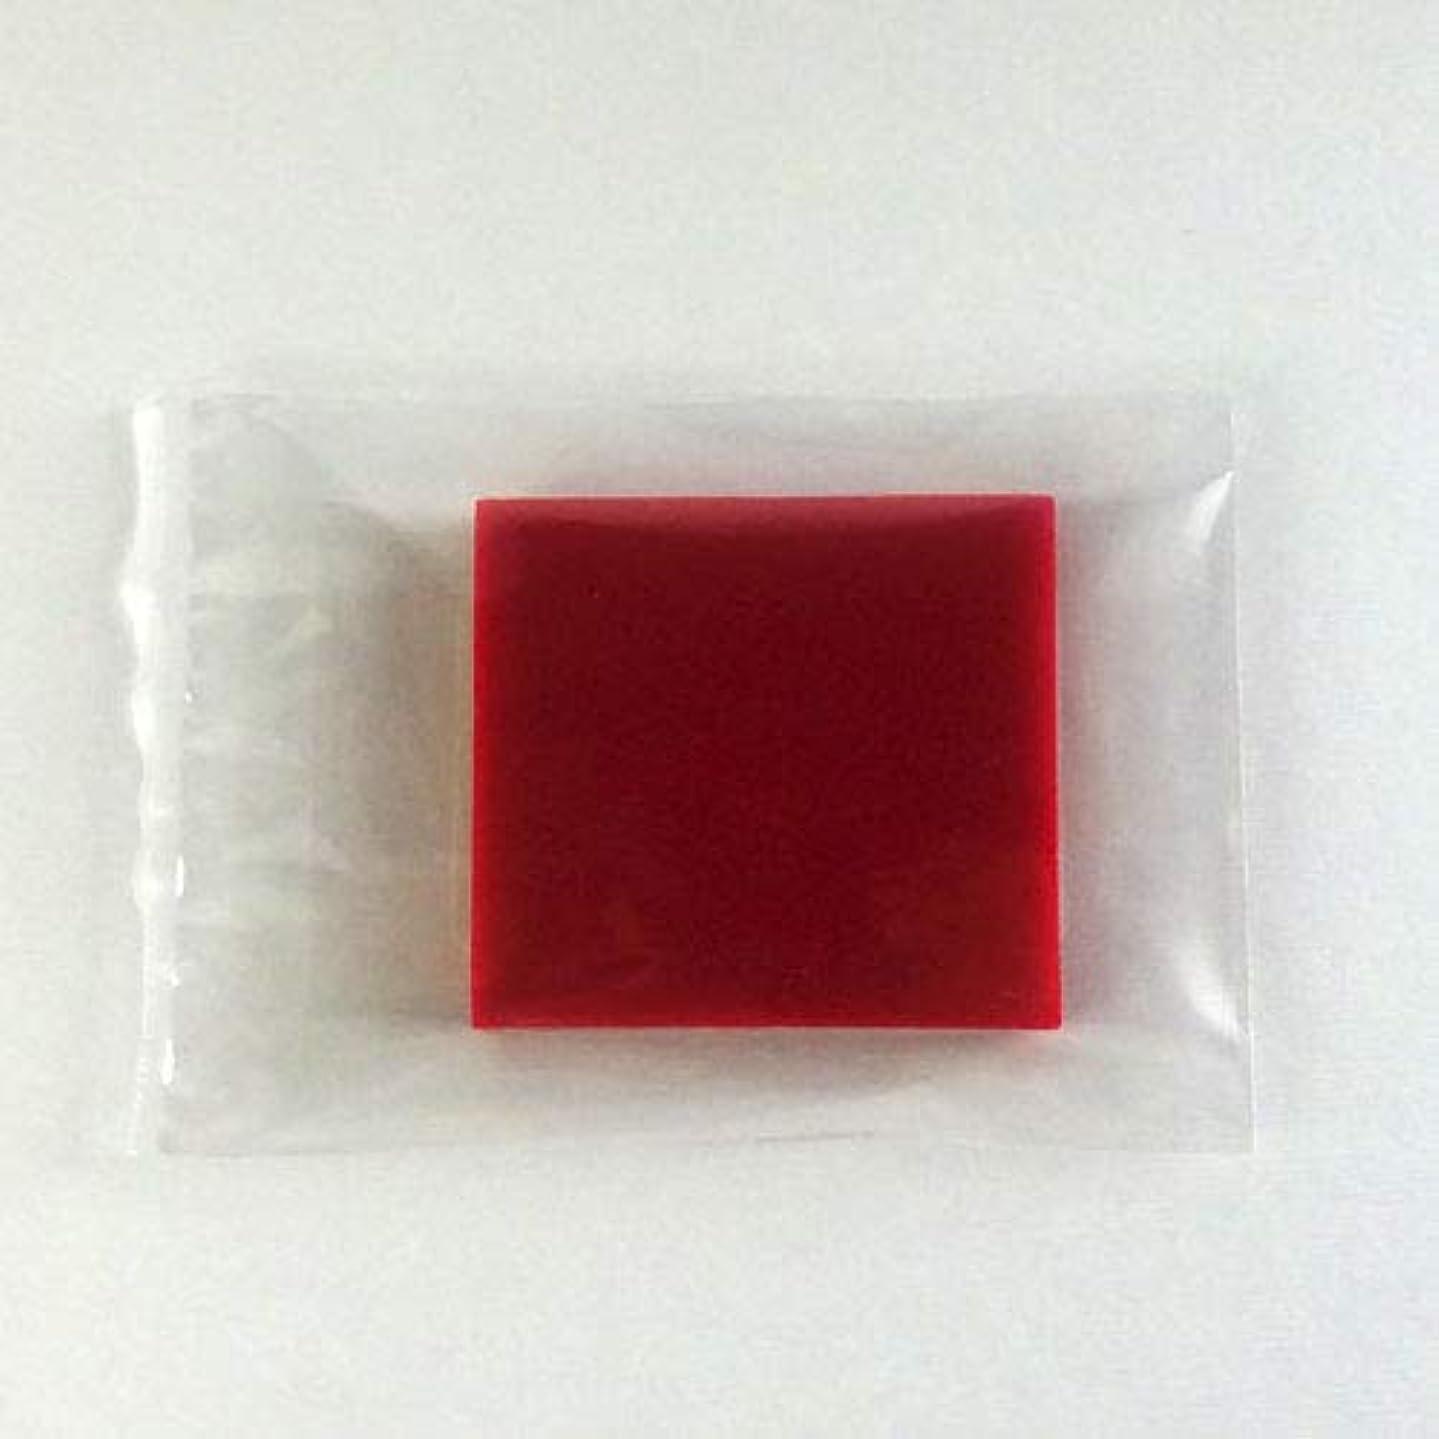 縁石黙バクテリアグリセリンソープ MPソープ 色チップ 赤(レッド) 120g(30g x 4pc)